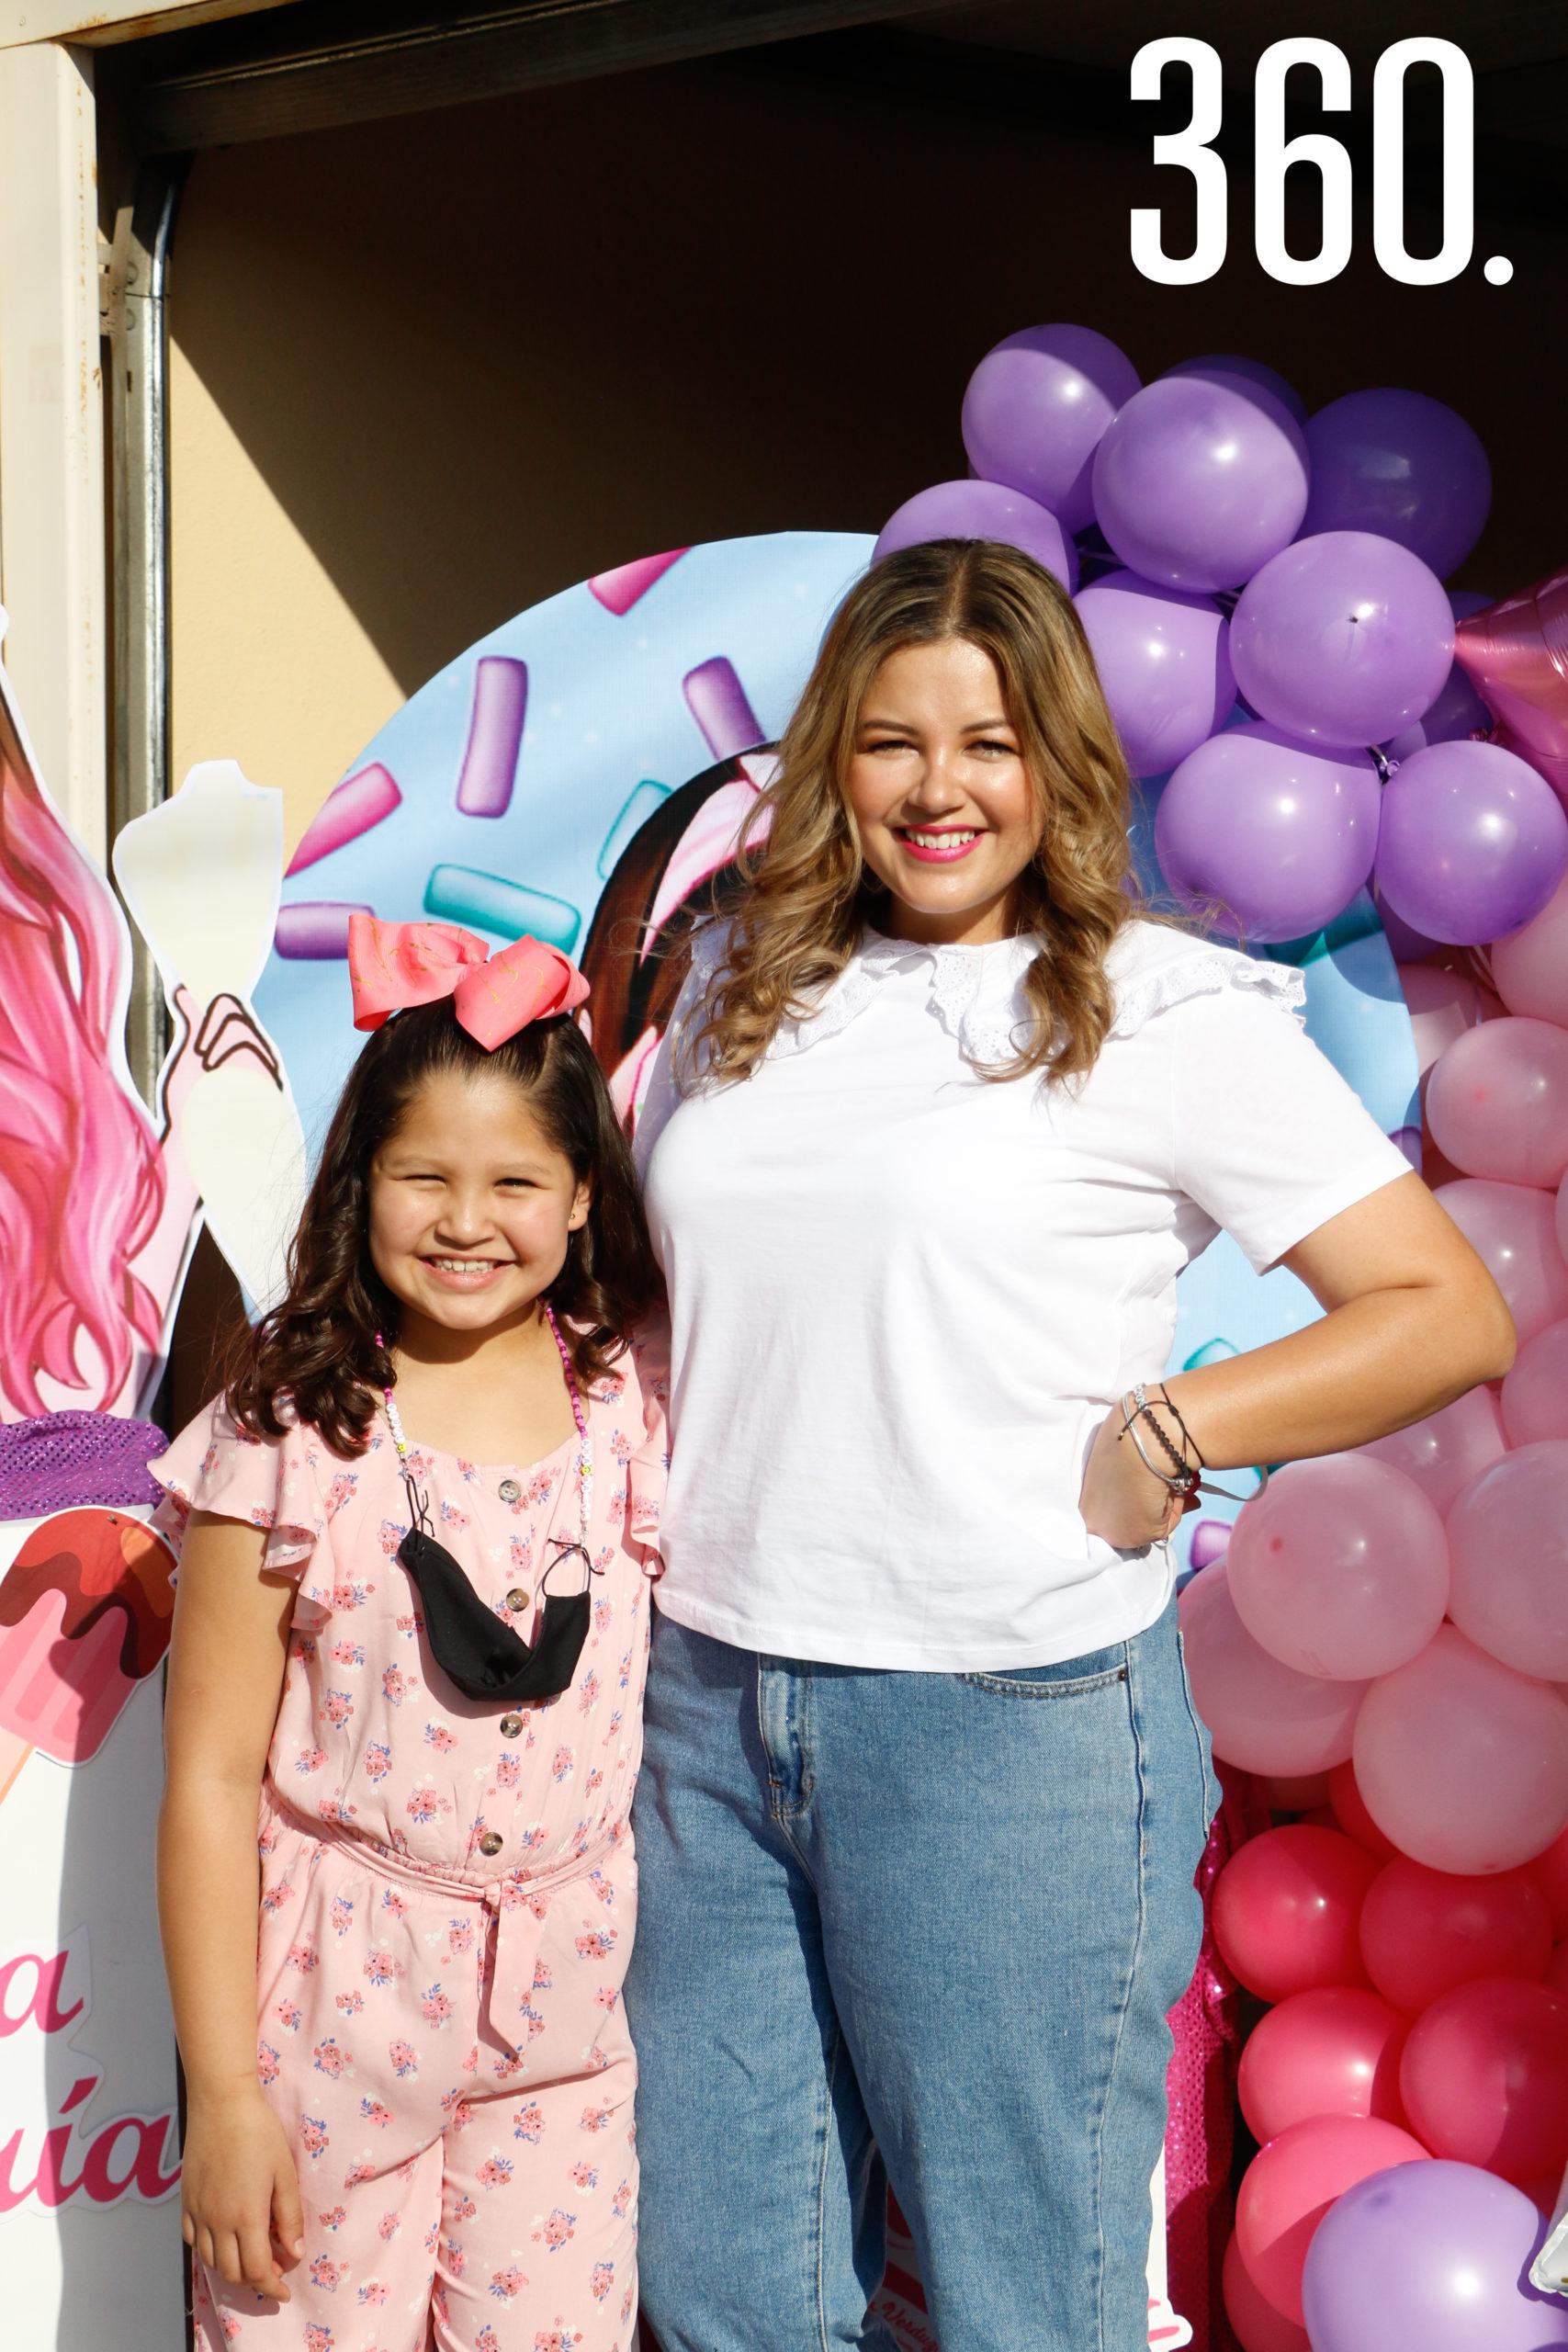 Ana María con su mamá, Mariana Cabello.